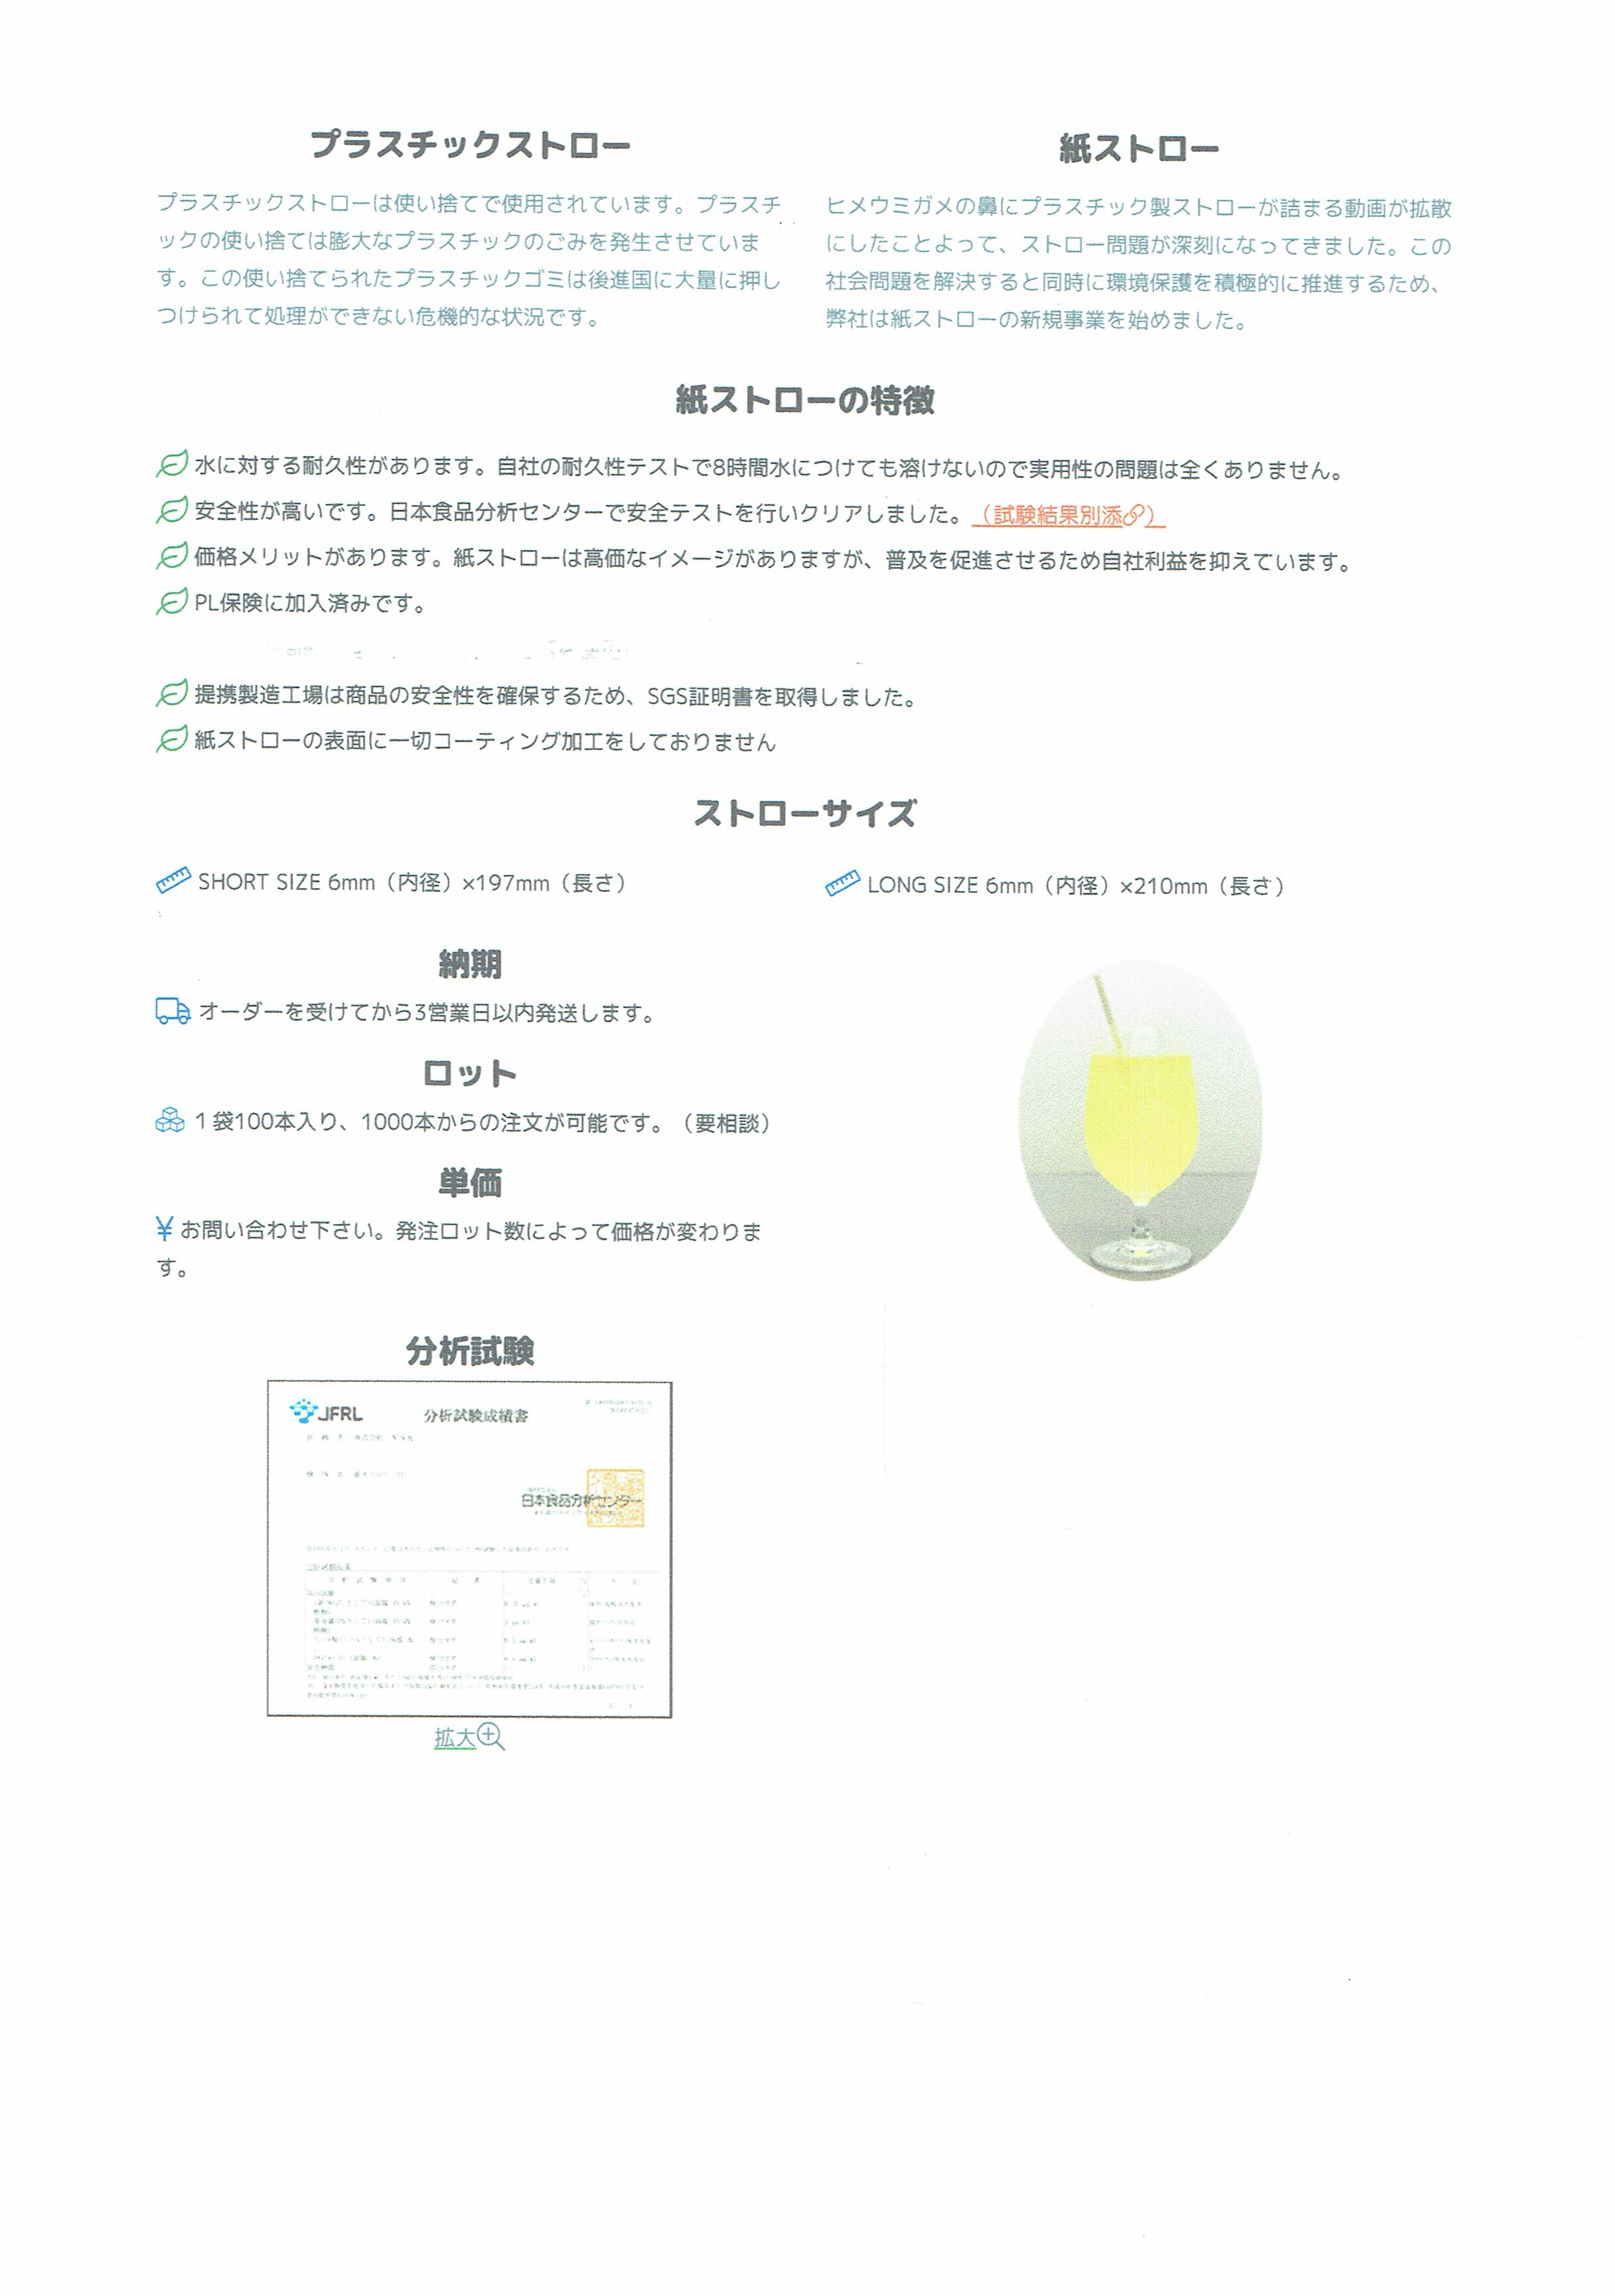 CCI20191204